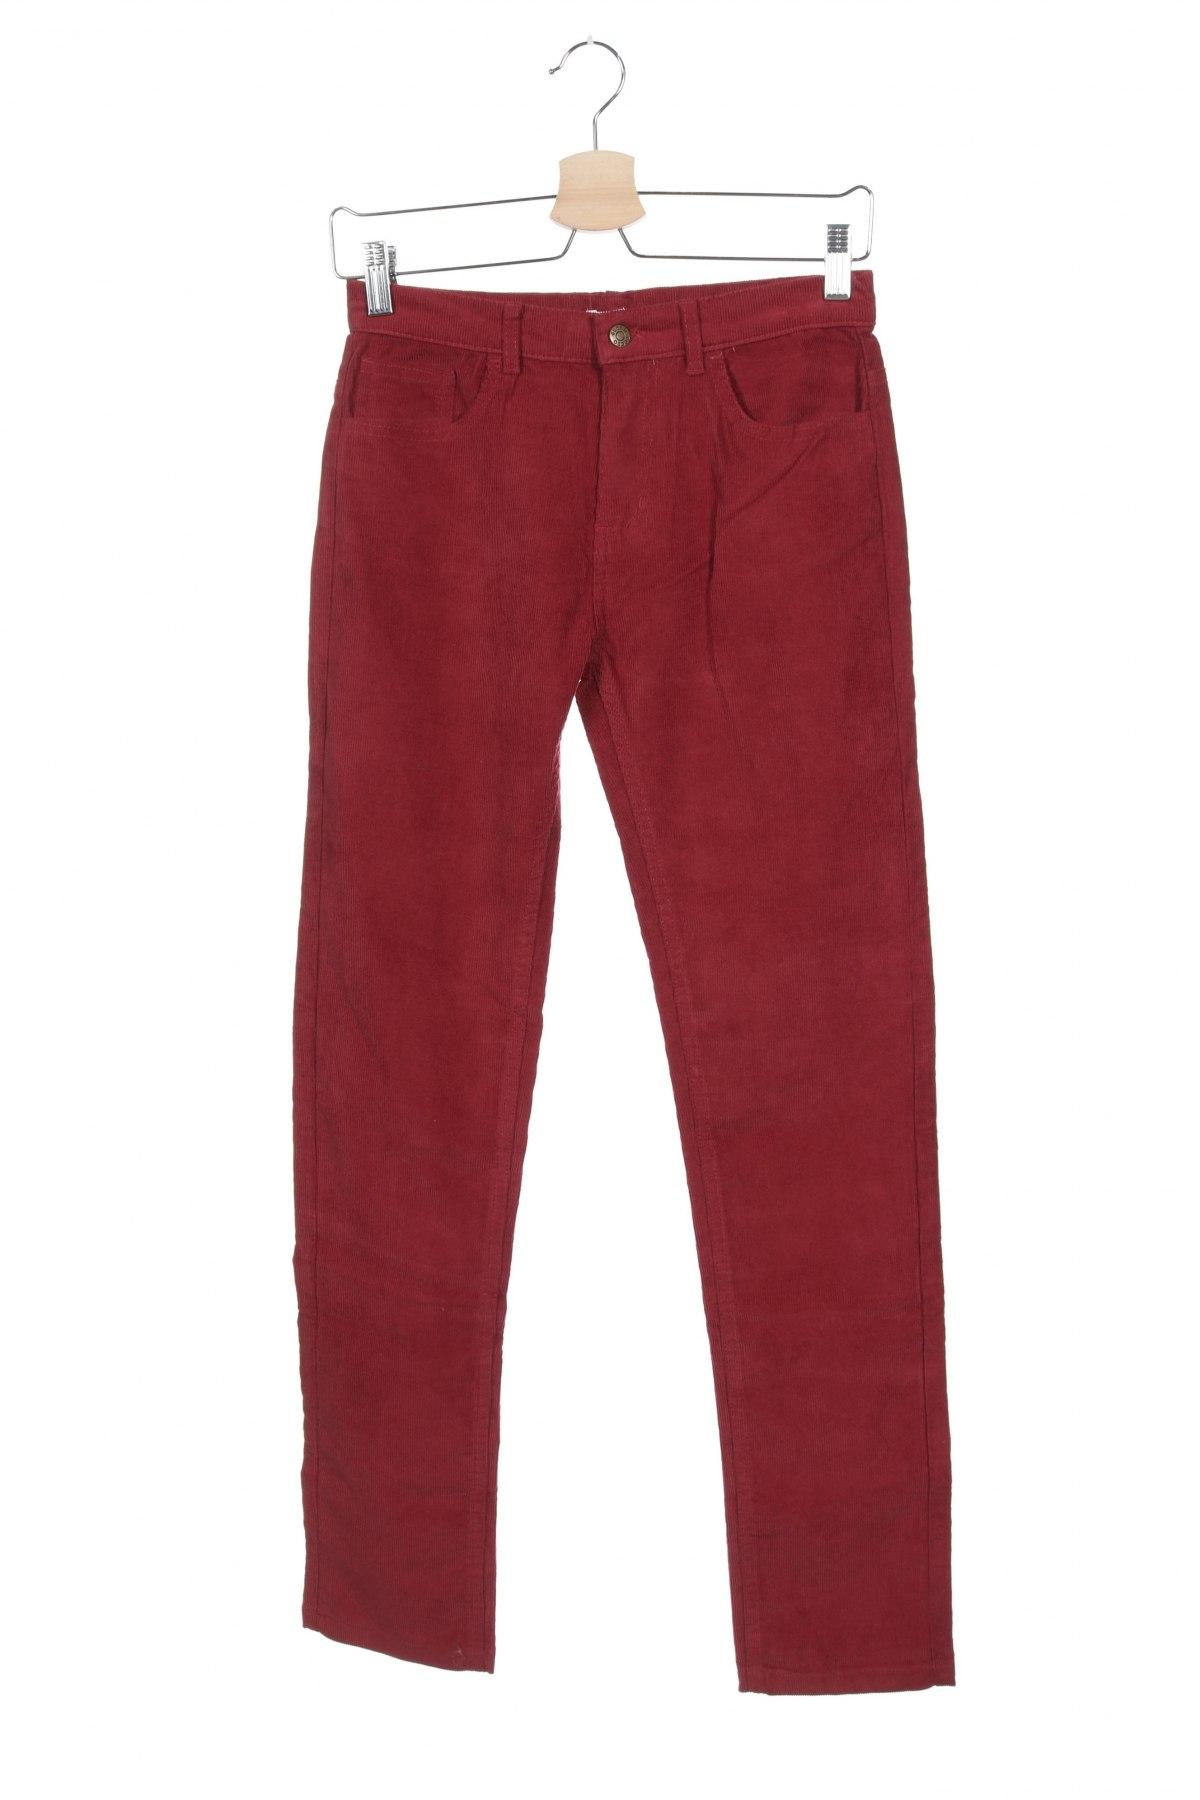 Παιδικό κοτλέ παντελόνι Gocco, Μέγεθος 11-12y/ 152-158 εκ., Χρώμα Κόκκινο, 70% βαμβάκι, 28% πολυεστέρας, 2% ελαστάνη, Τιμή 5,69€